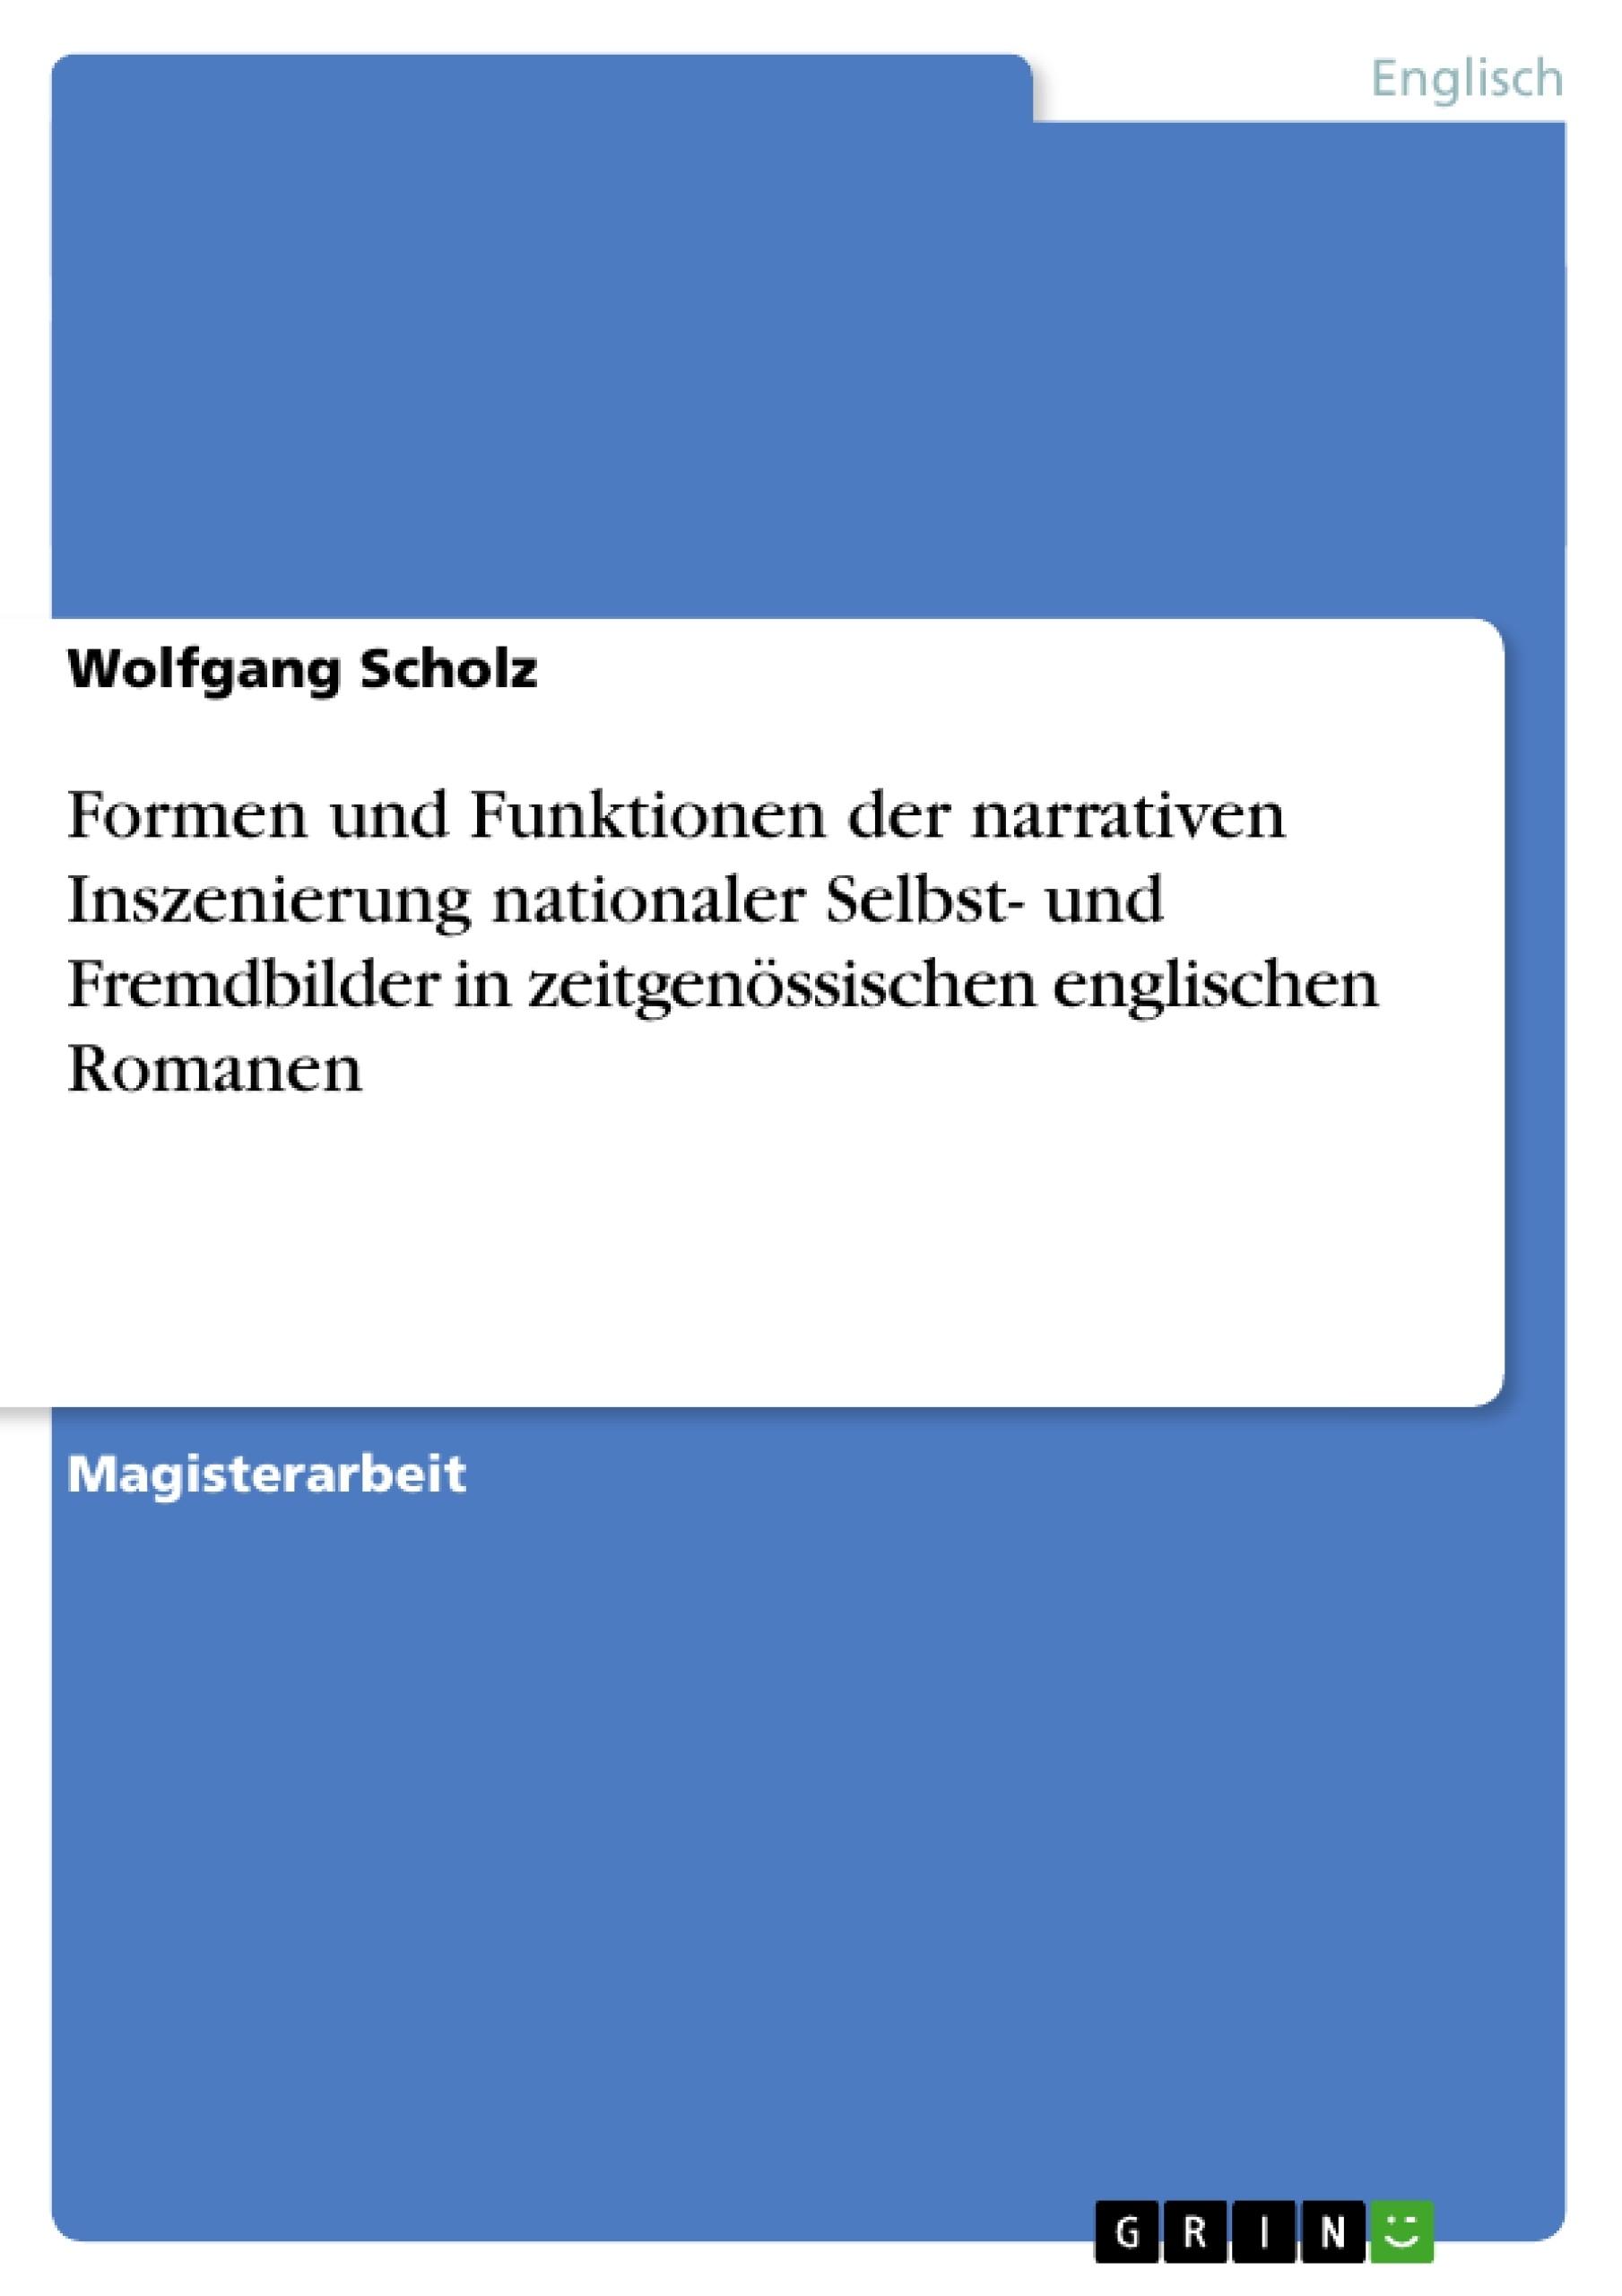 Titel: Formen und Funktionen der narrativen Inszenierung nationaler Selbst- und Fremdbilder in zeitgenössischen englischen Romanen